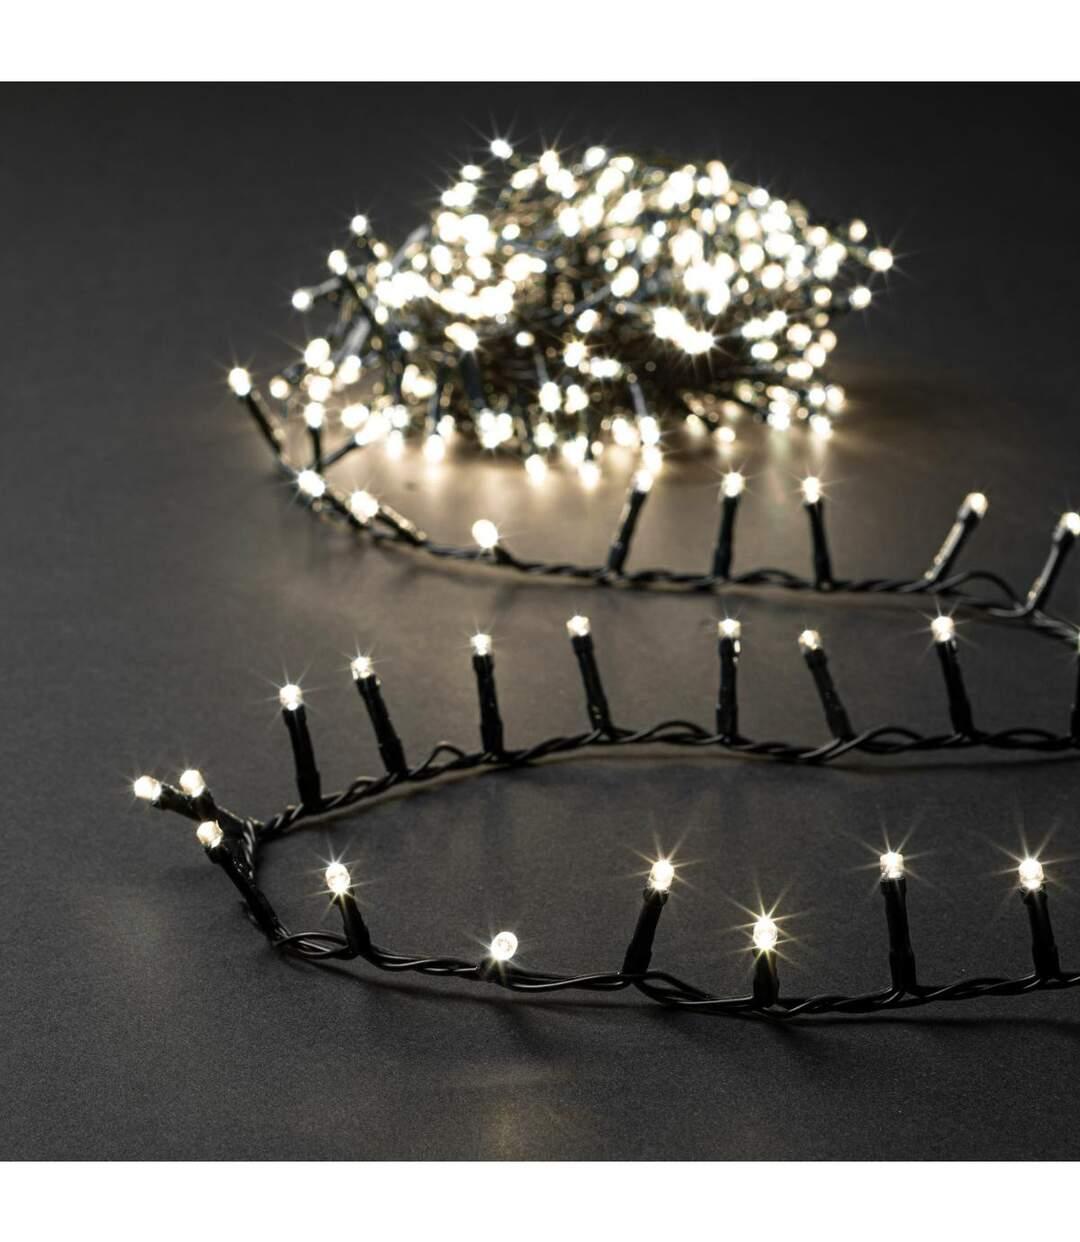 Feeric Christmas - Guirlande Lumineuse Intérieure et Extérieure 5 m 168 LED Blanc chaud et 8 jeux de lumière